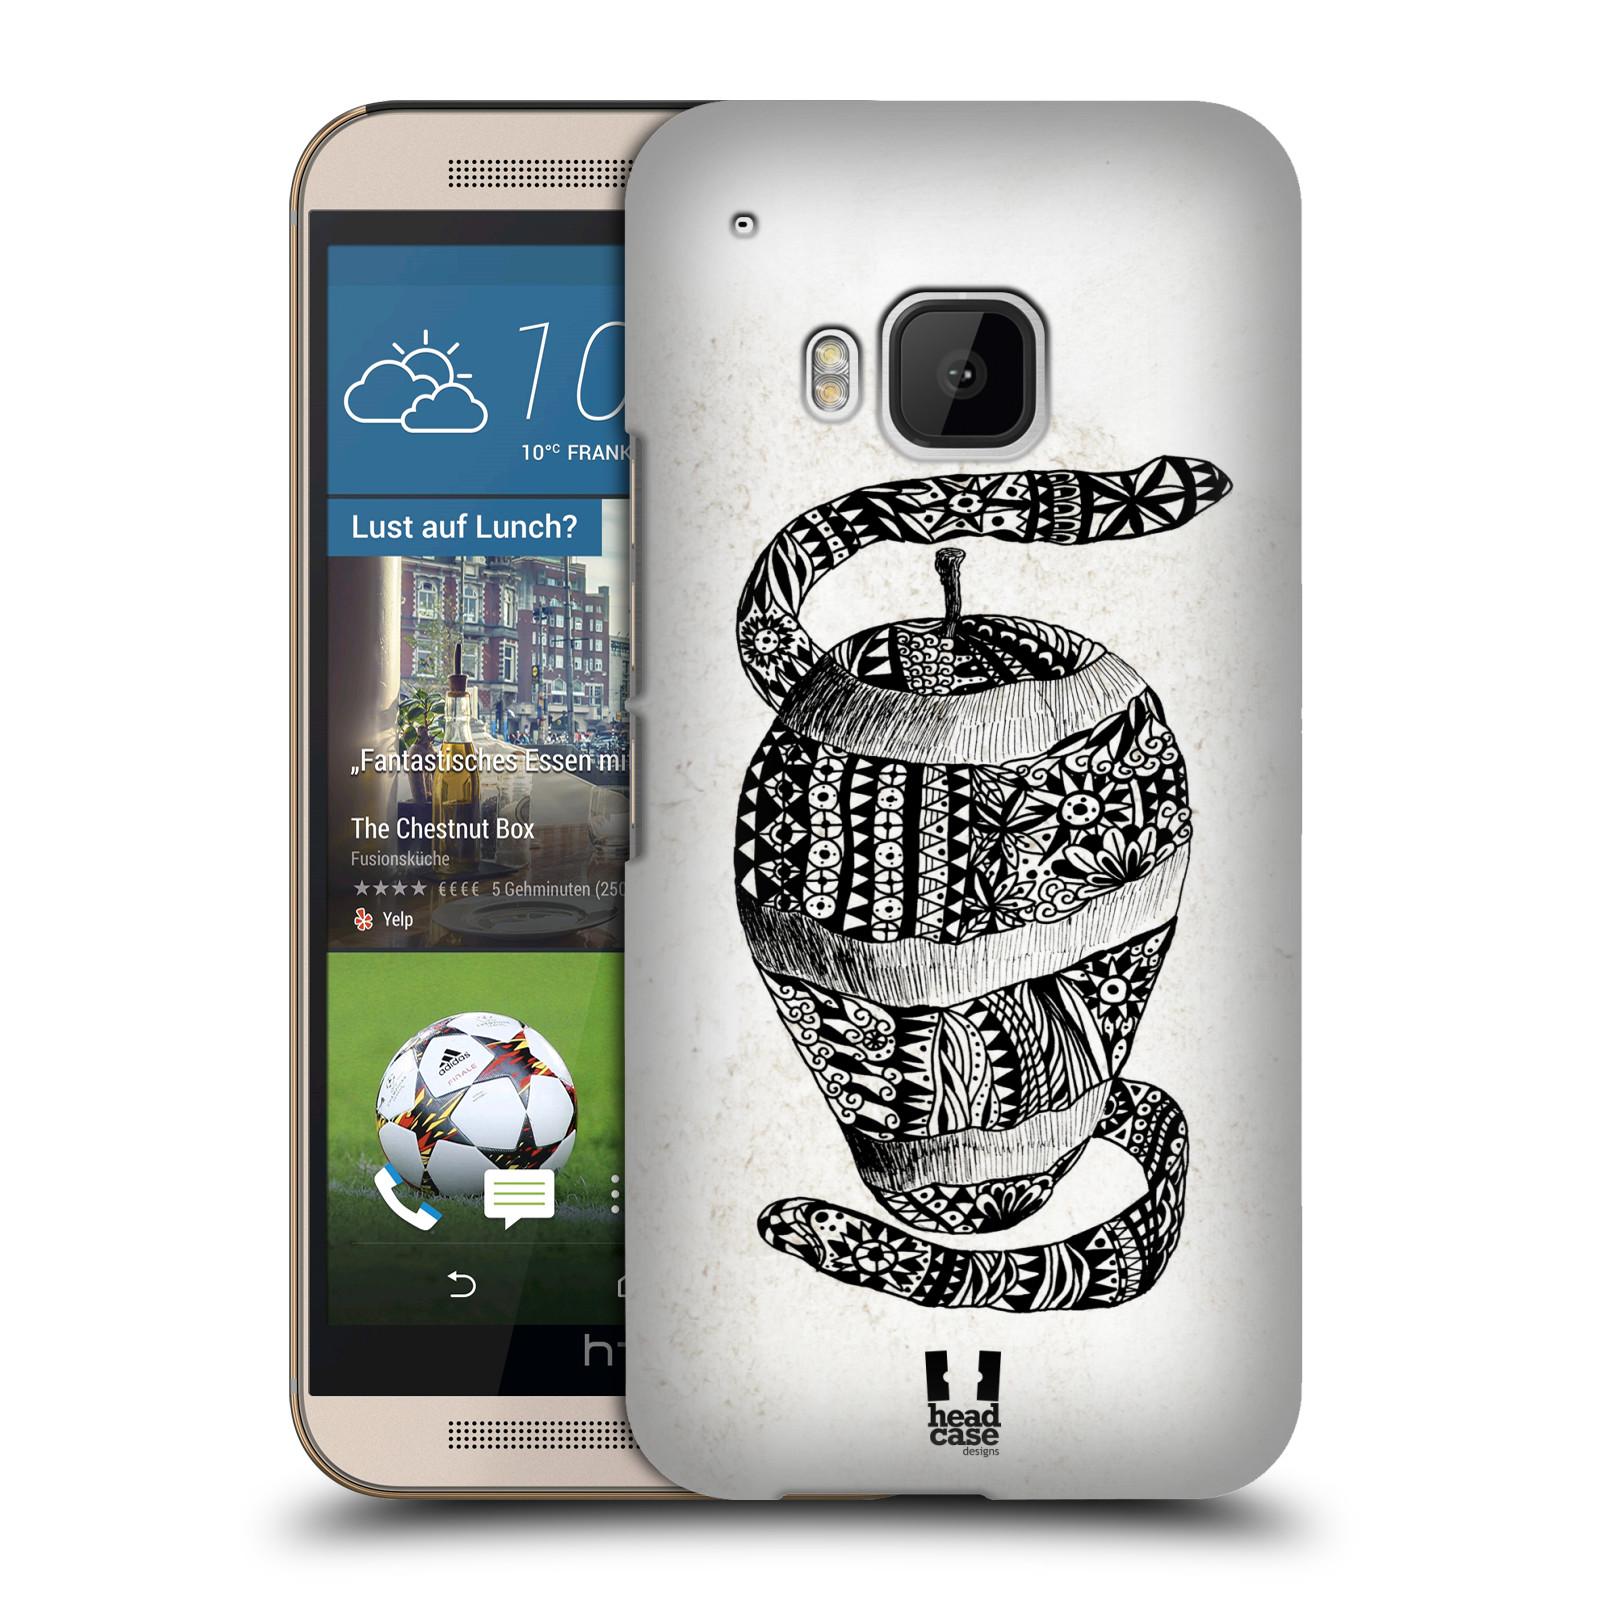 HEAD-CASE-DESIGNS-KUNSTVOLLE-FRUCHT-RUCKSEITE-HULLE-FUR-HTC-HANDYS-1